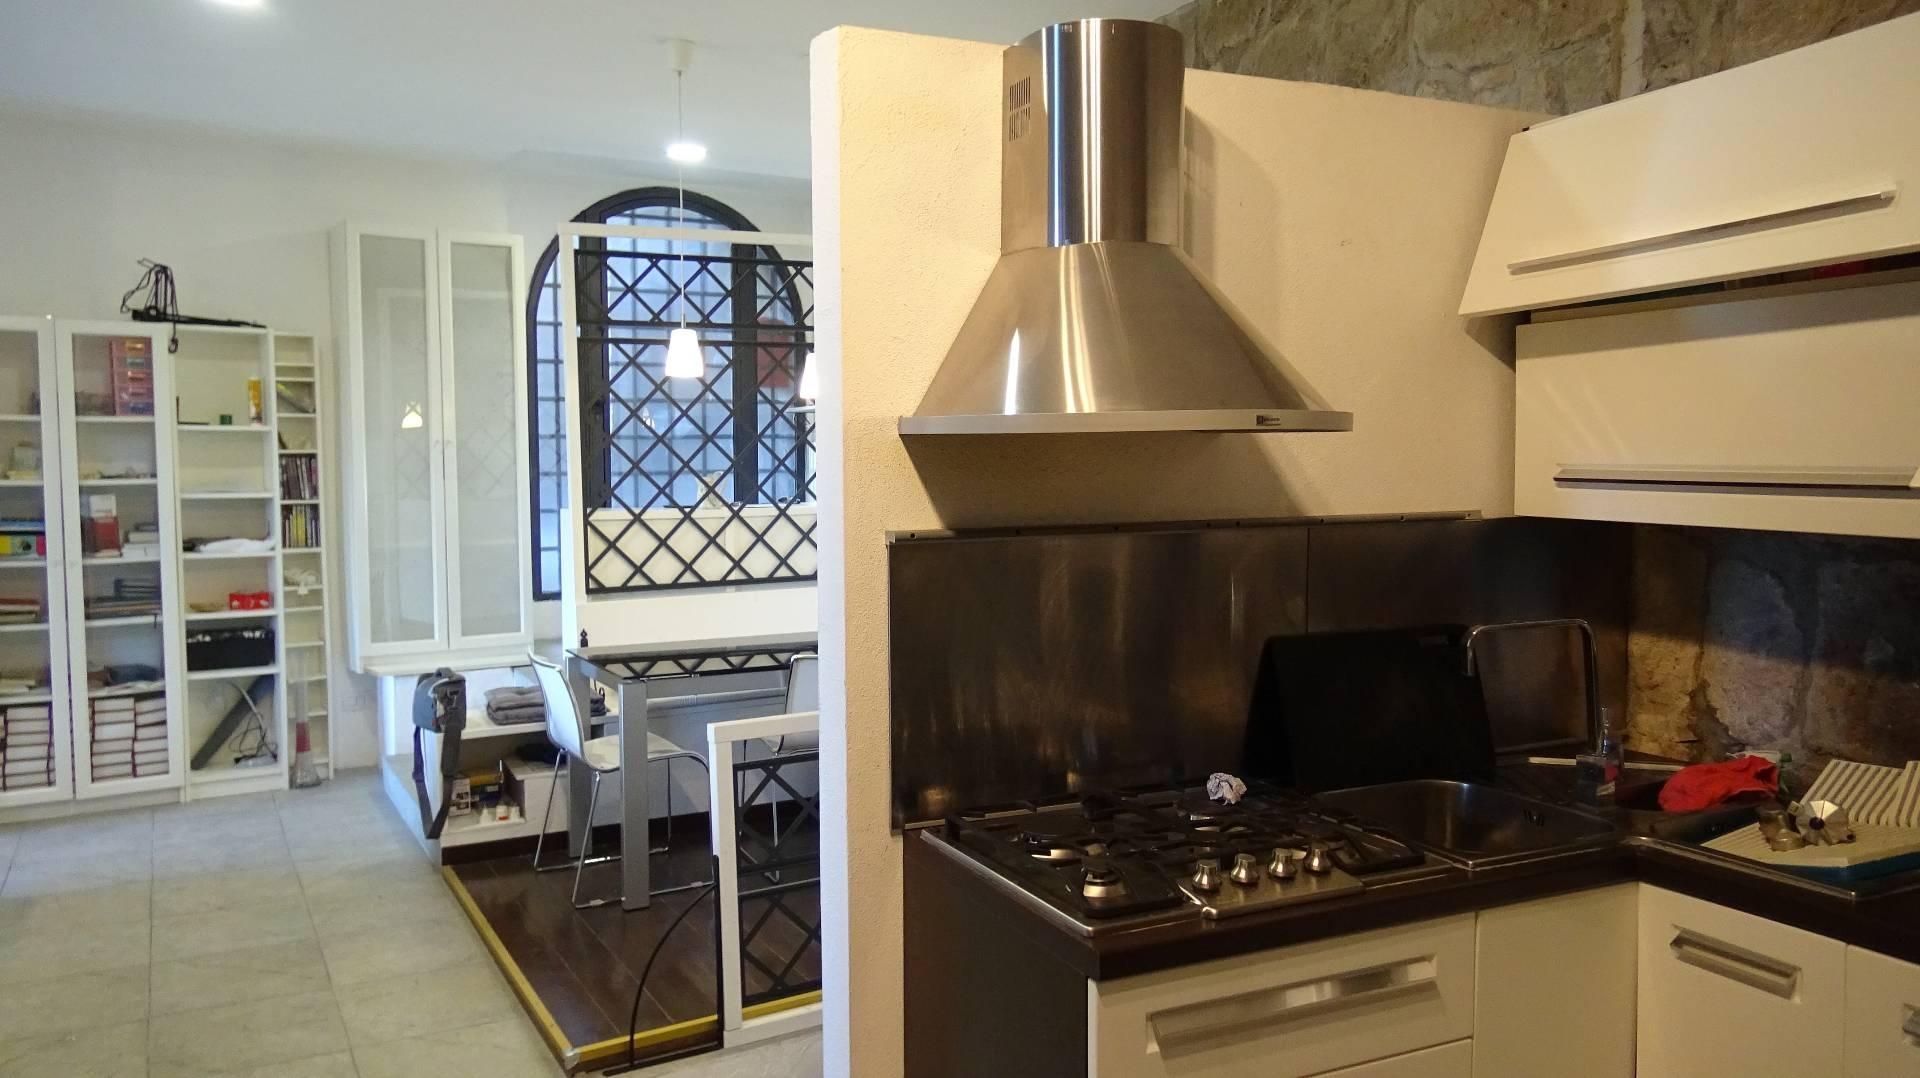 Appartamento in vendita a Vitorchiano, 3 locali, zona Località: Vitorchiano, prezzo € 81.000 | CambioCasa.it